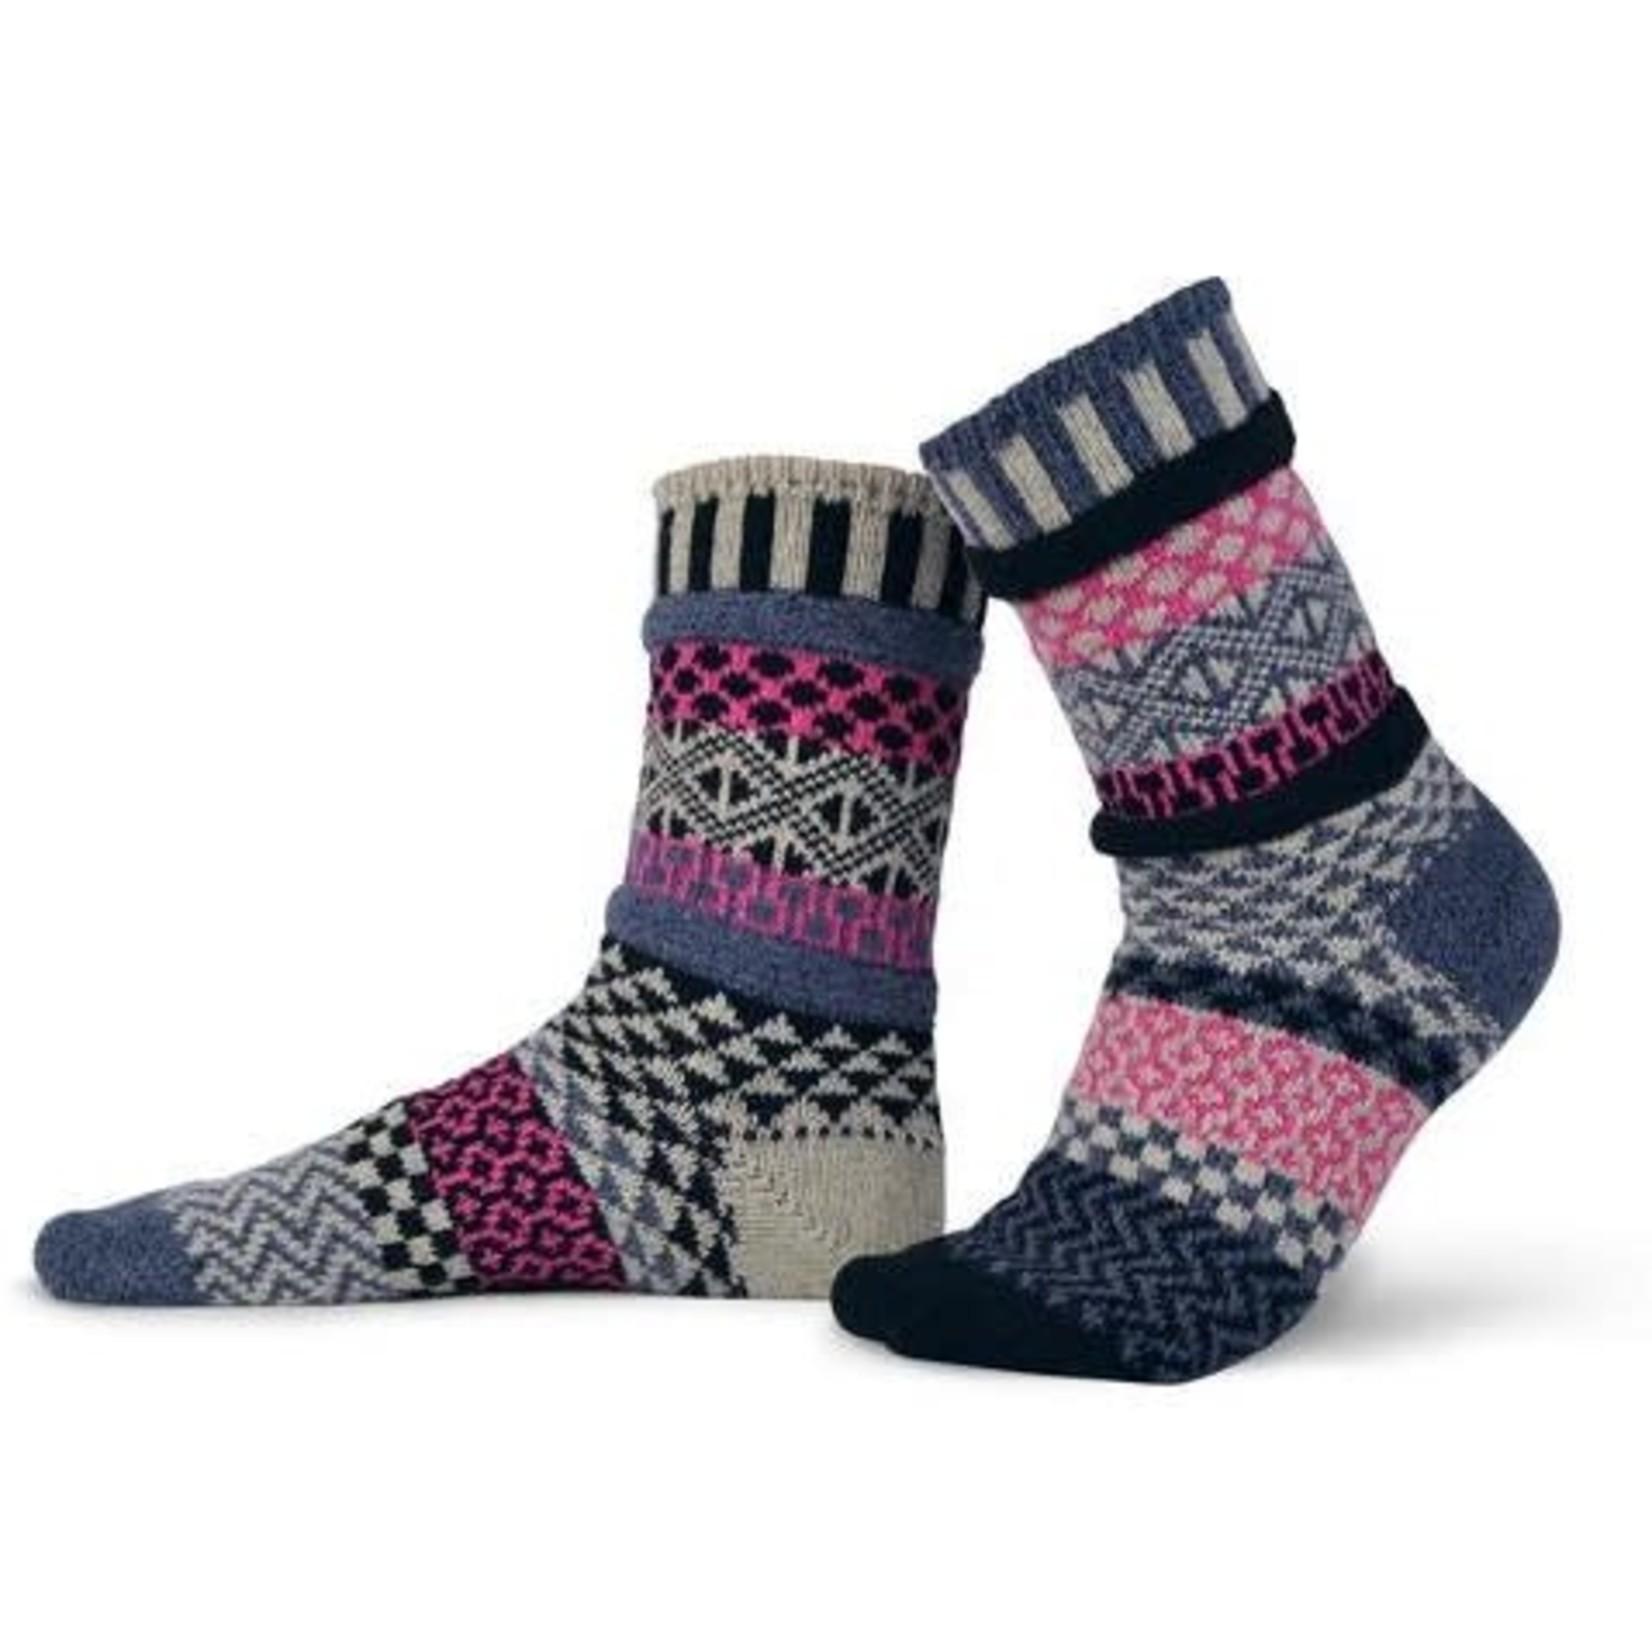 Solmates Solmate Socks Wool